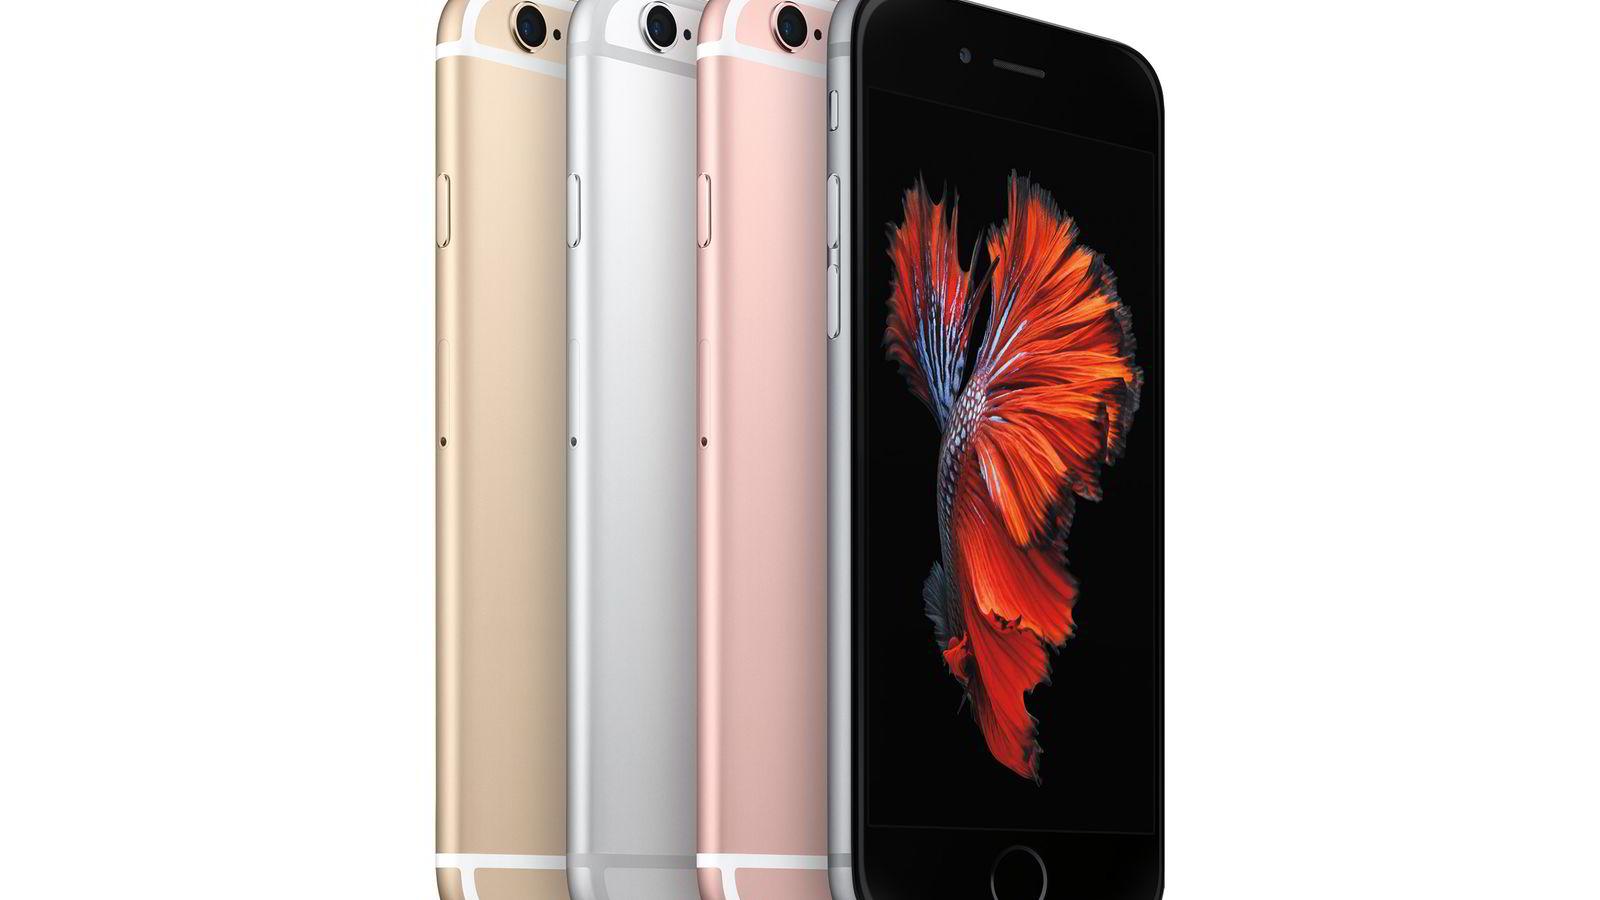 For to uker siden lanserte Apple nye produkter. Nå er det klart at en rekke apper trekkes etter hackerangrep.